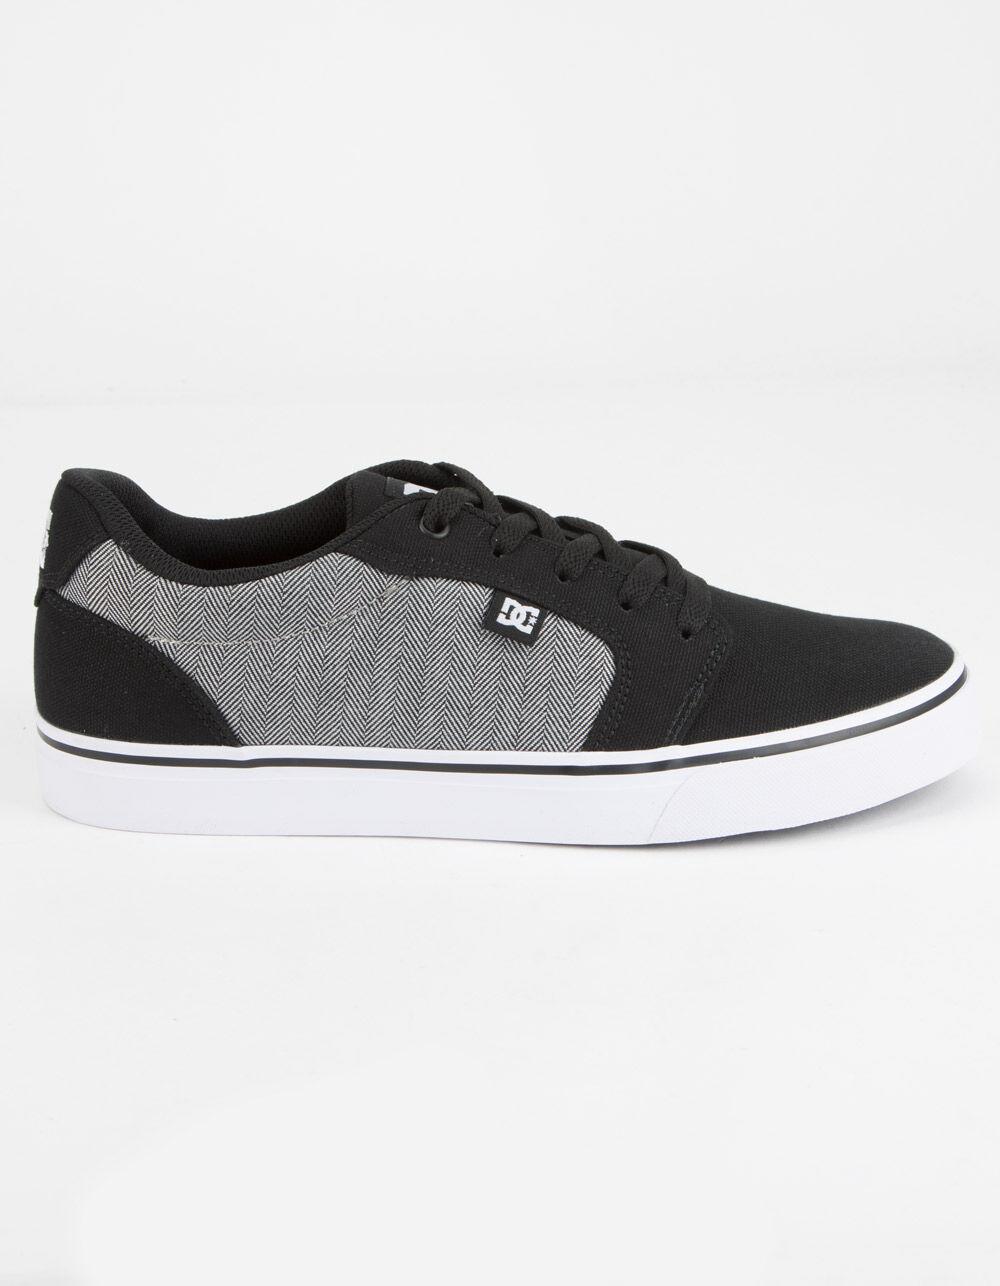 DC SHOES Anvil TX SE Black Combo Shoes